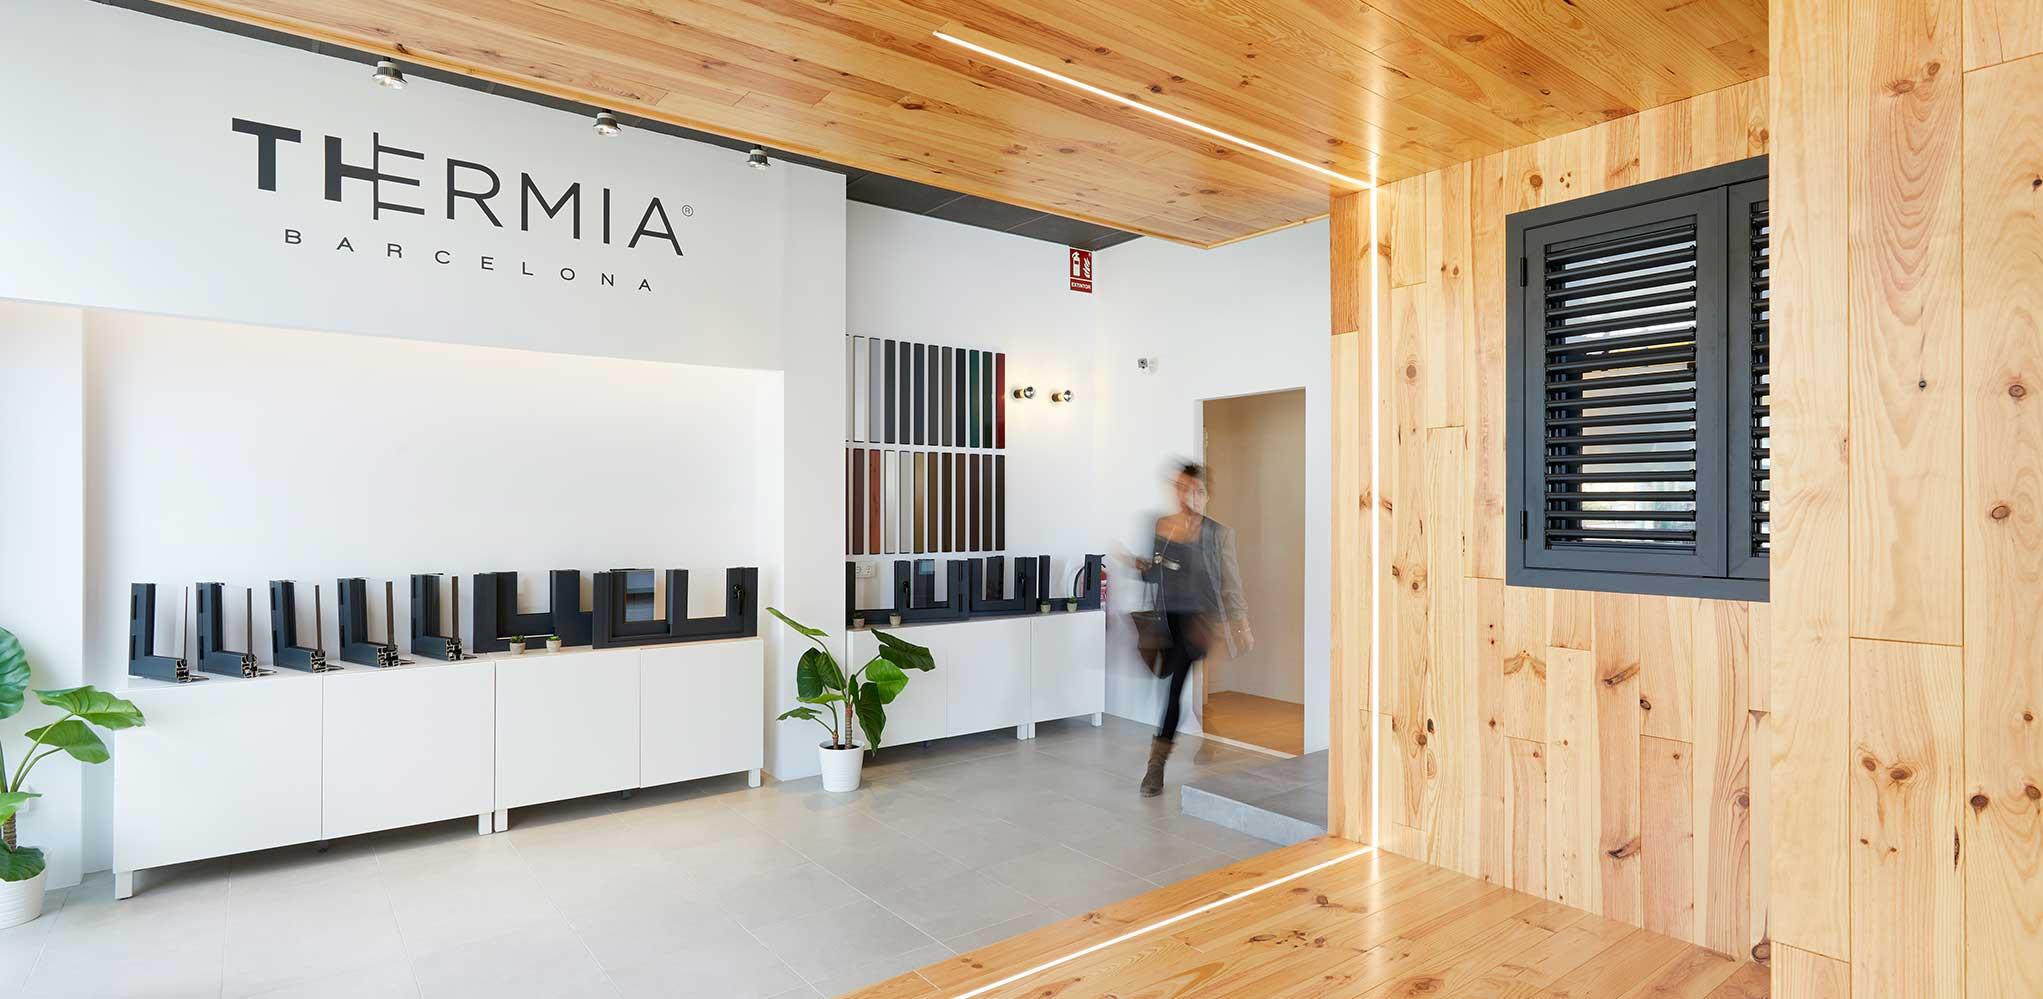 Showroom Thermia en Girona, España